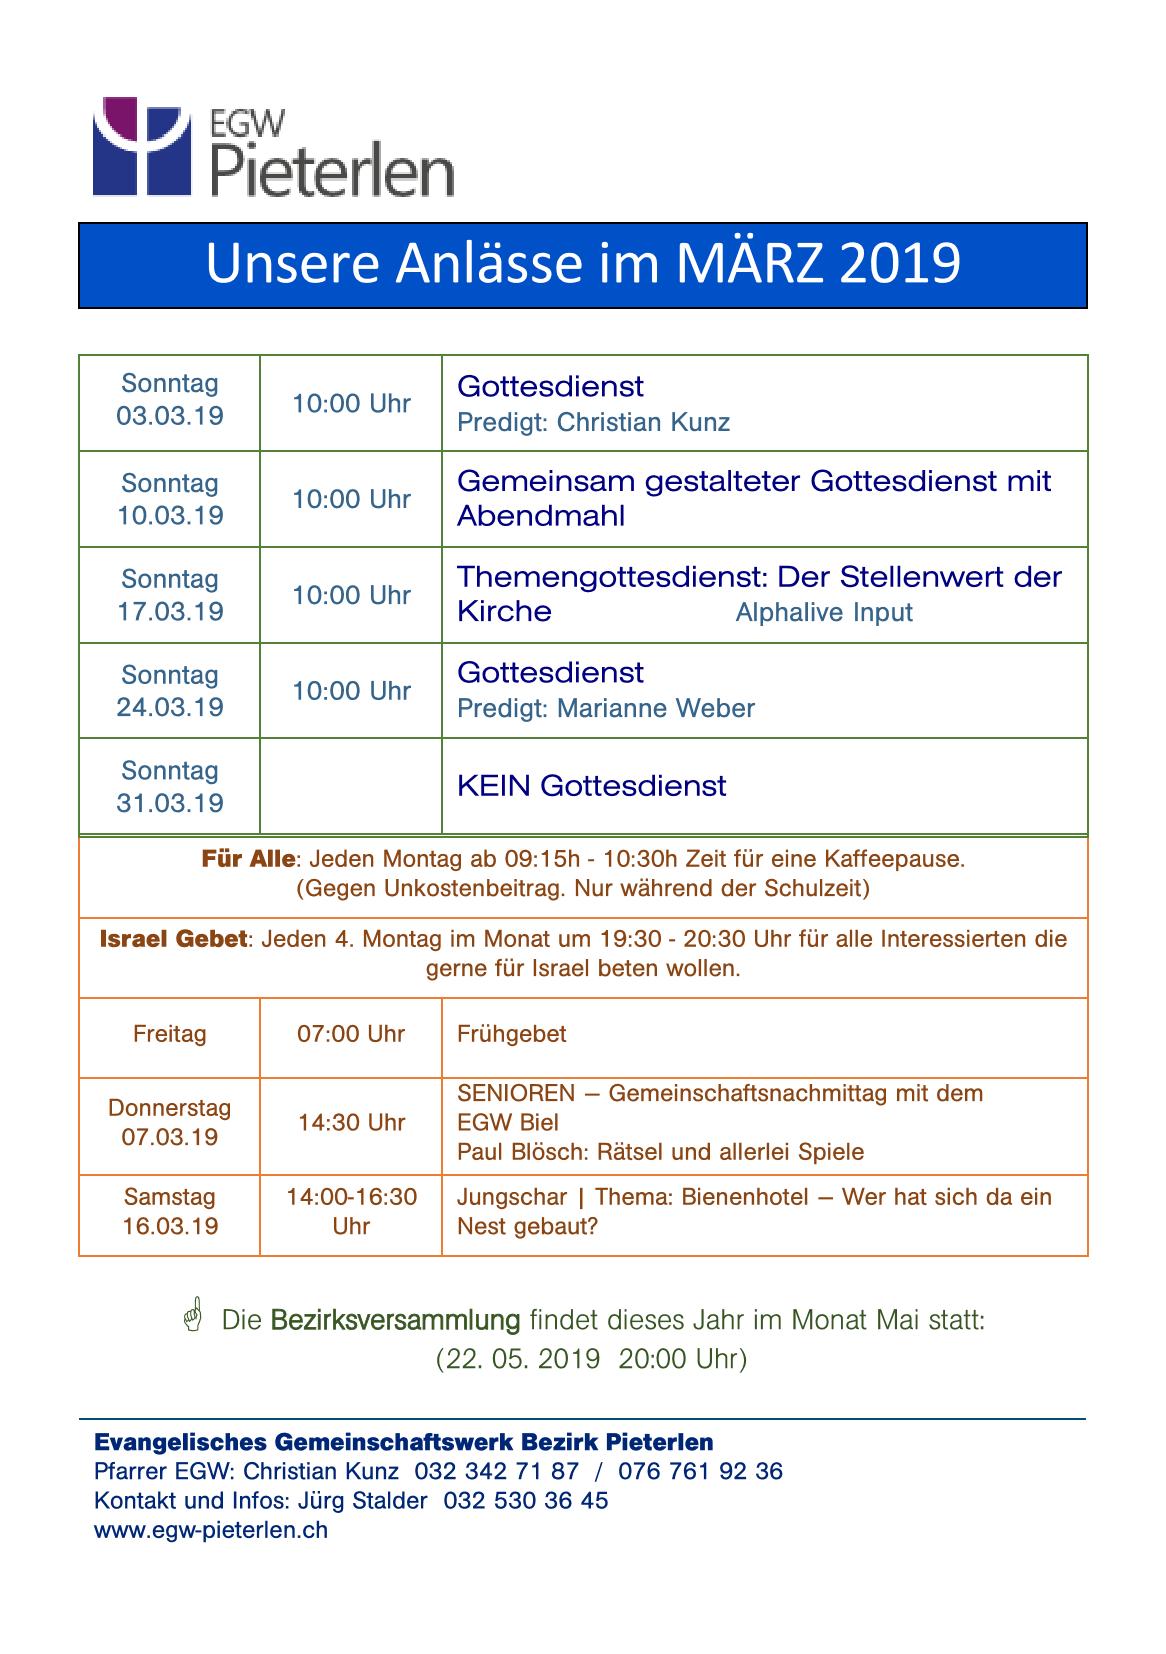 anlaesse_2019-03